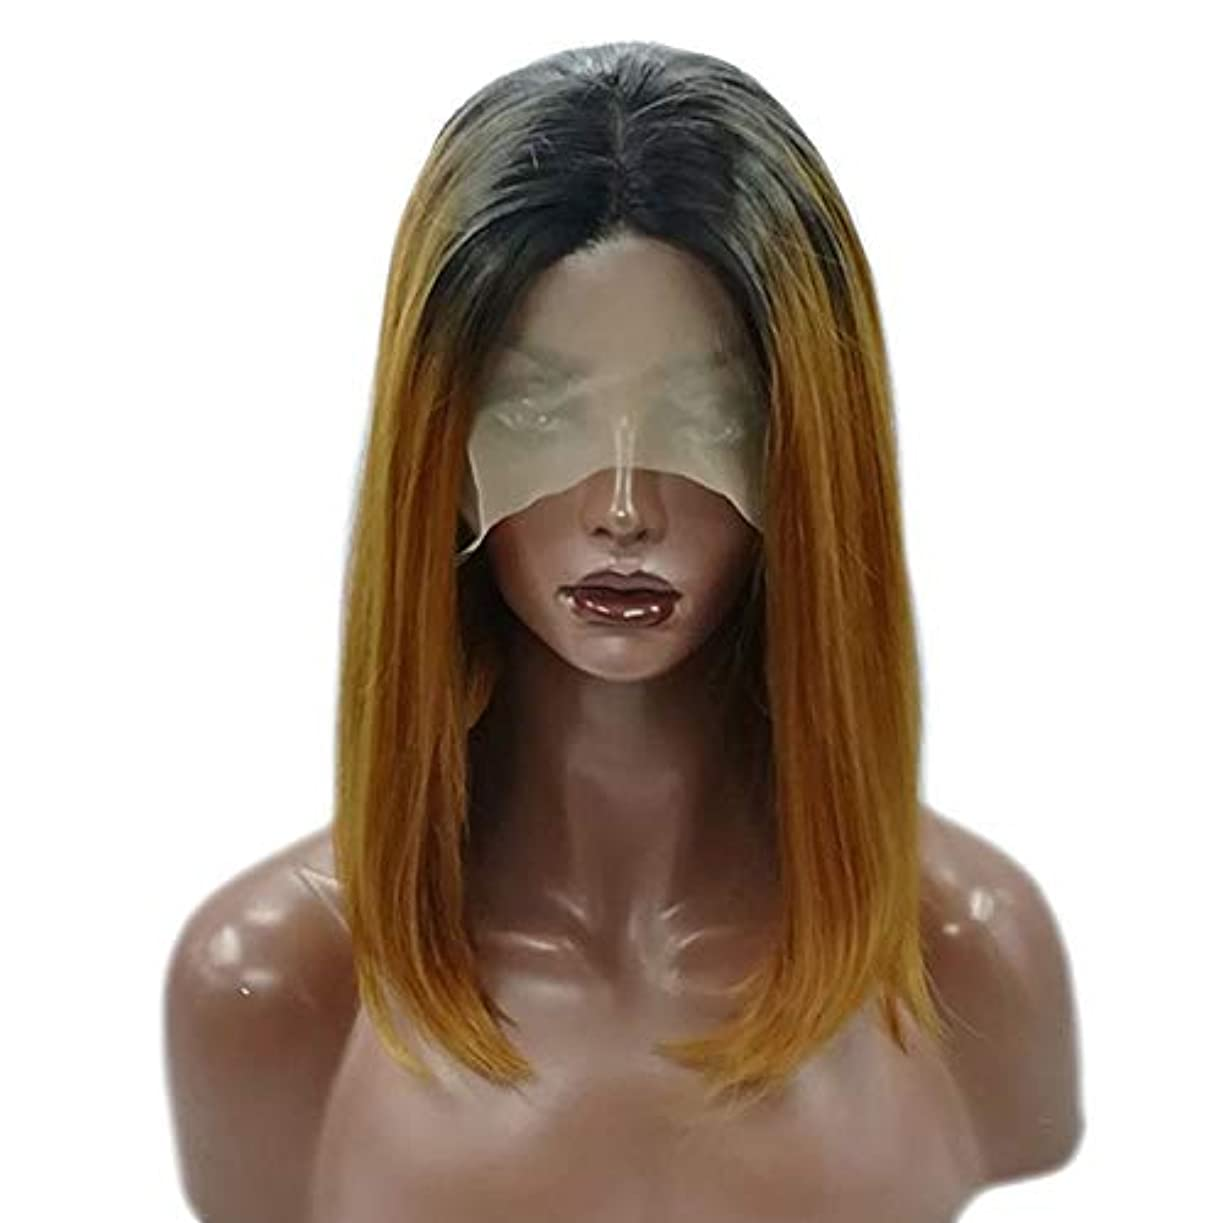 一掃する追い出す休憩YOUQIU 女子ショートストレートウィッグ肩の長さ黒合成ボブヘアウィッグ耐熱フル?ヘアウィッグウィッグ (色 : Photo Color)